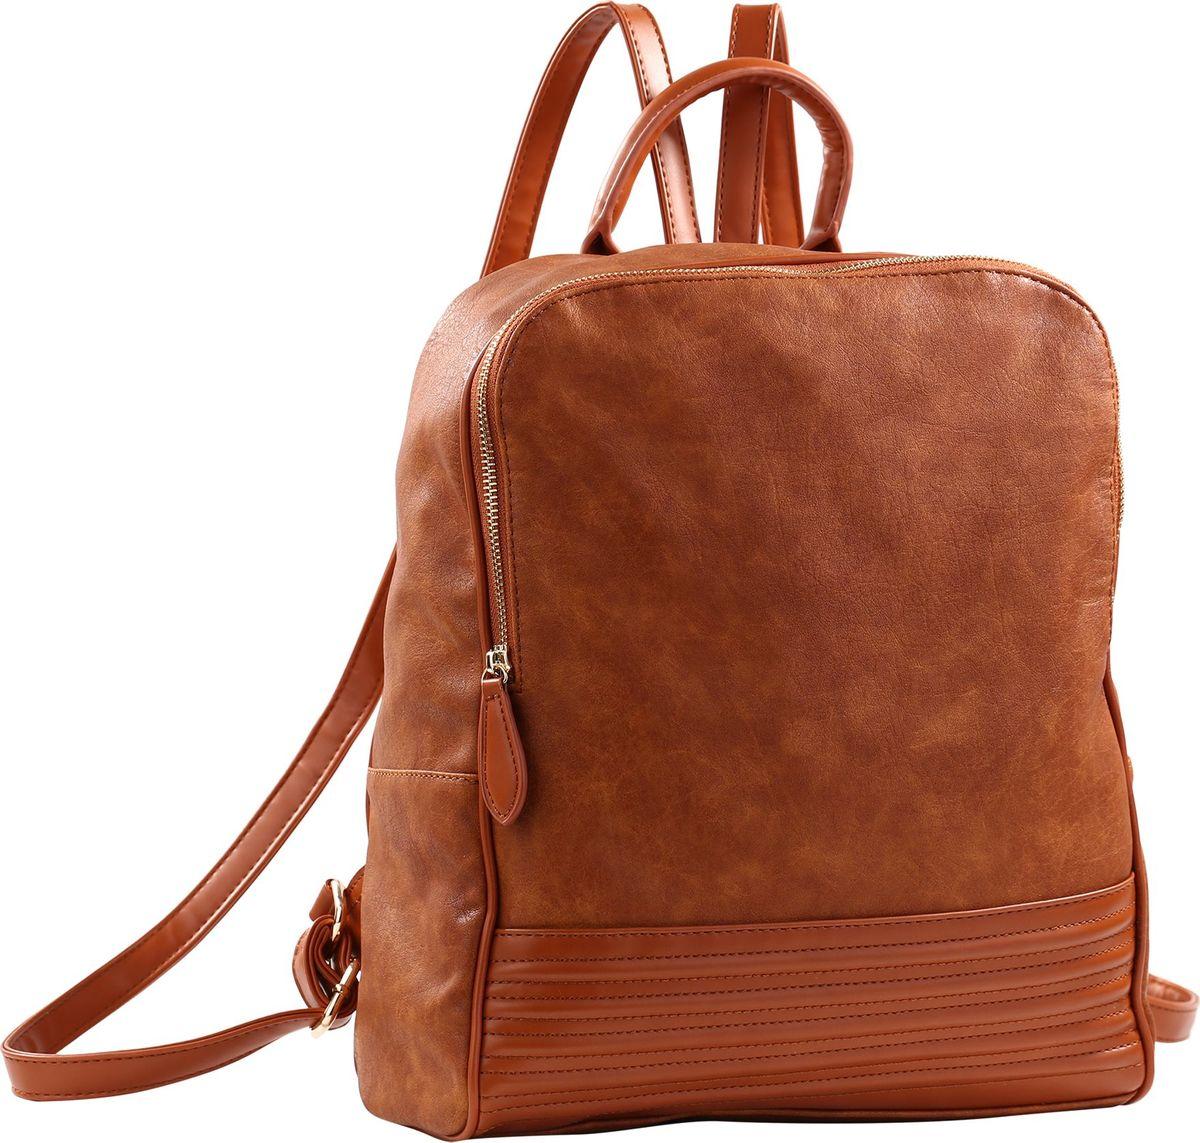 Рюкзак женский Pola, цвет: коричневый. 78322